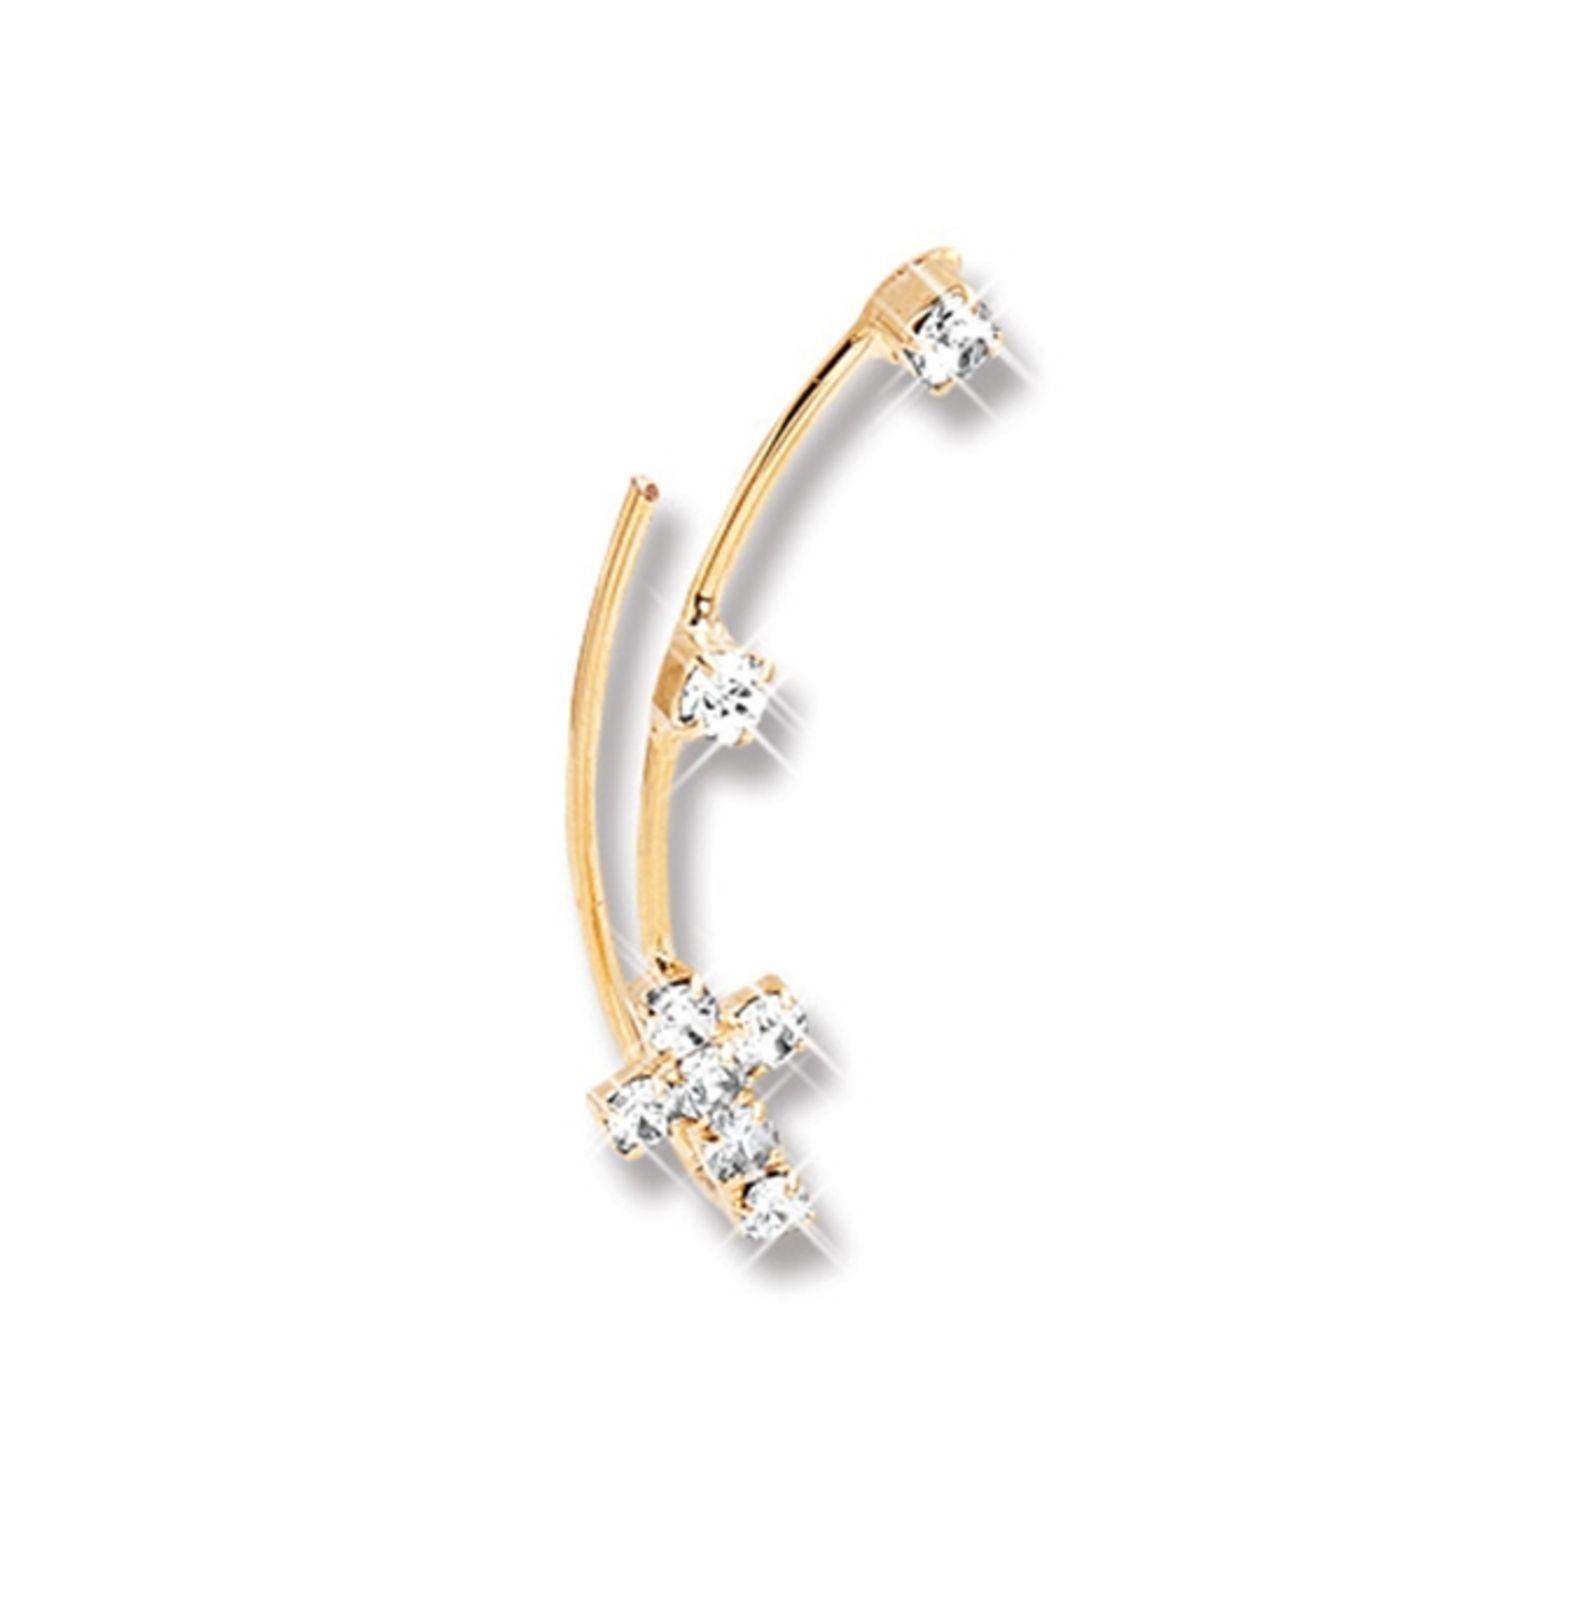 Brinco Le Diamond Ear Coff Cruz e Zircônias Dourado